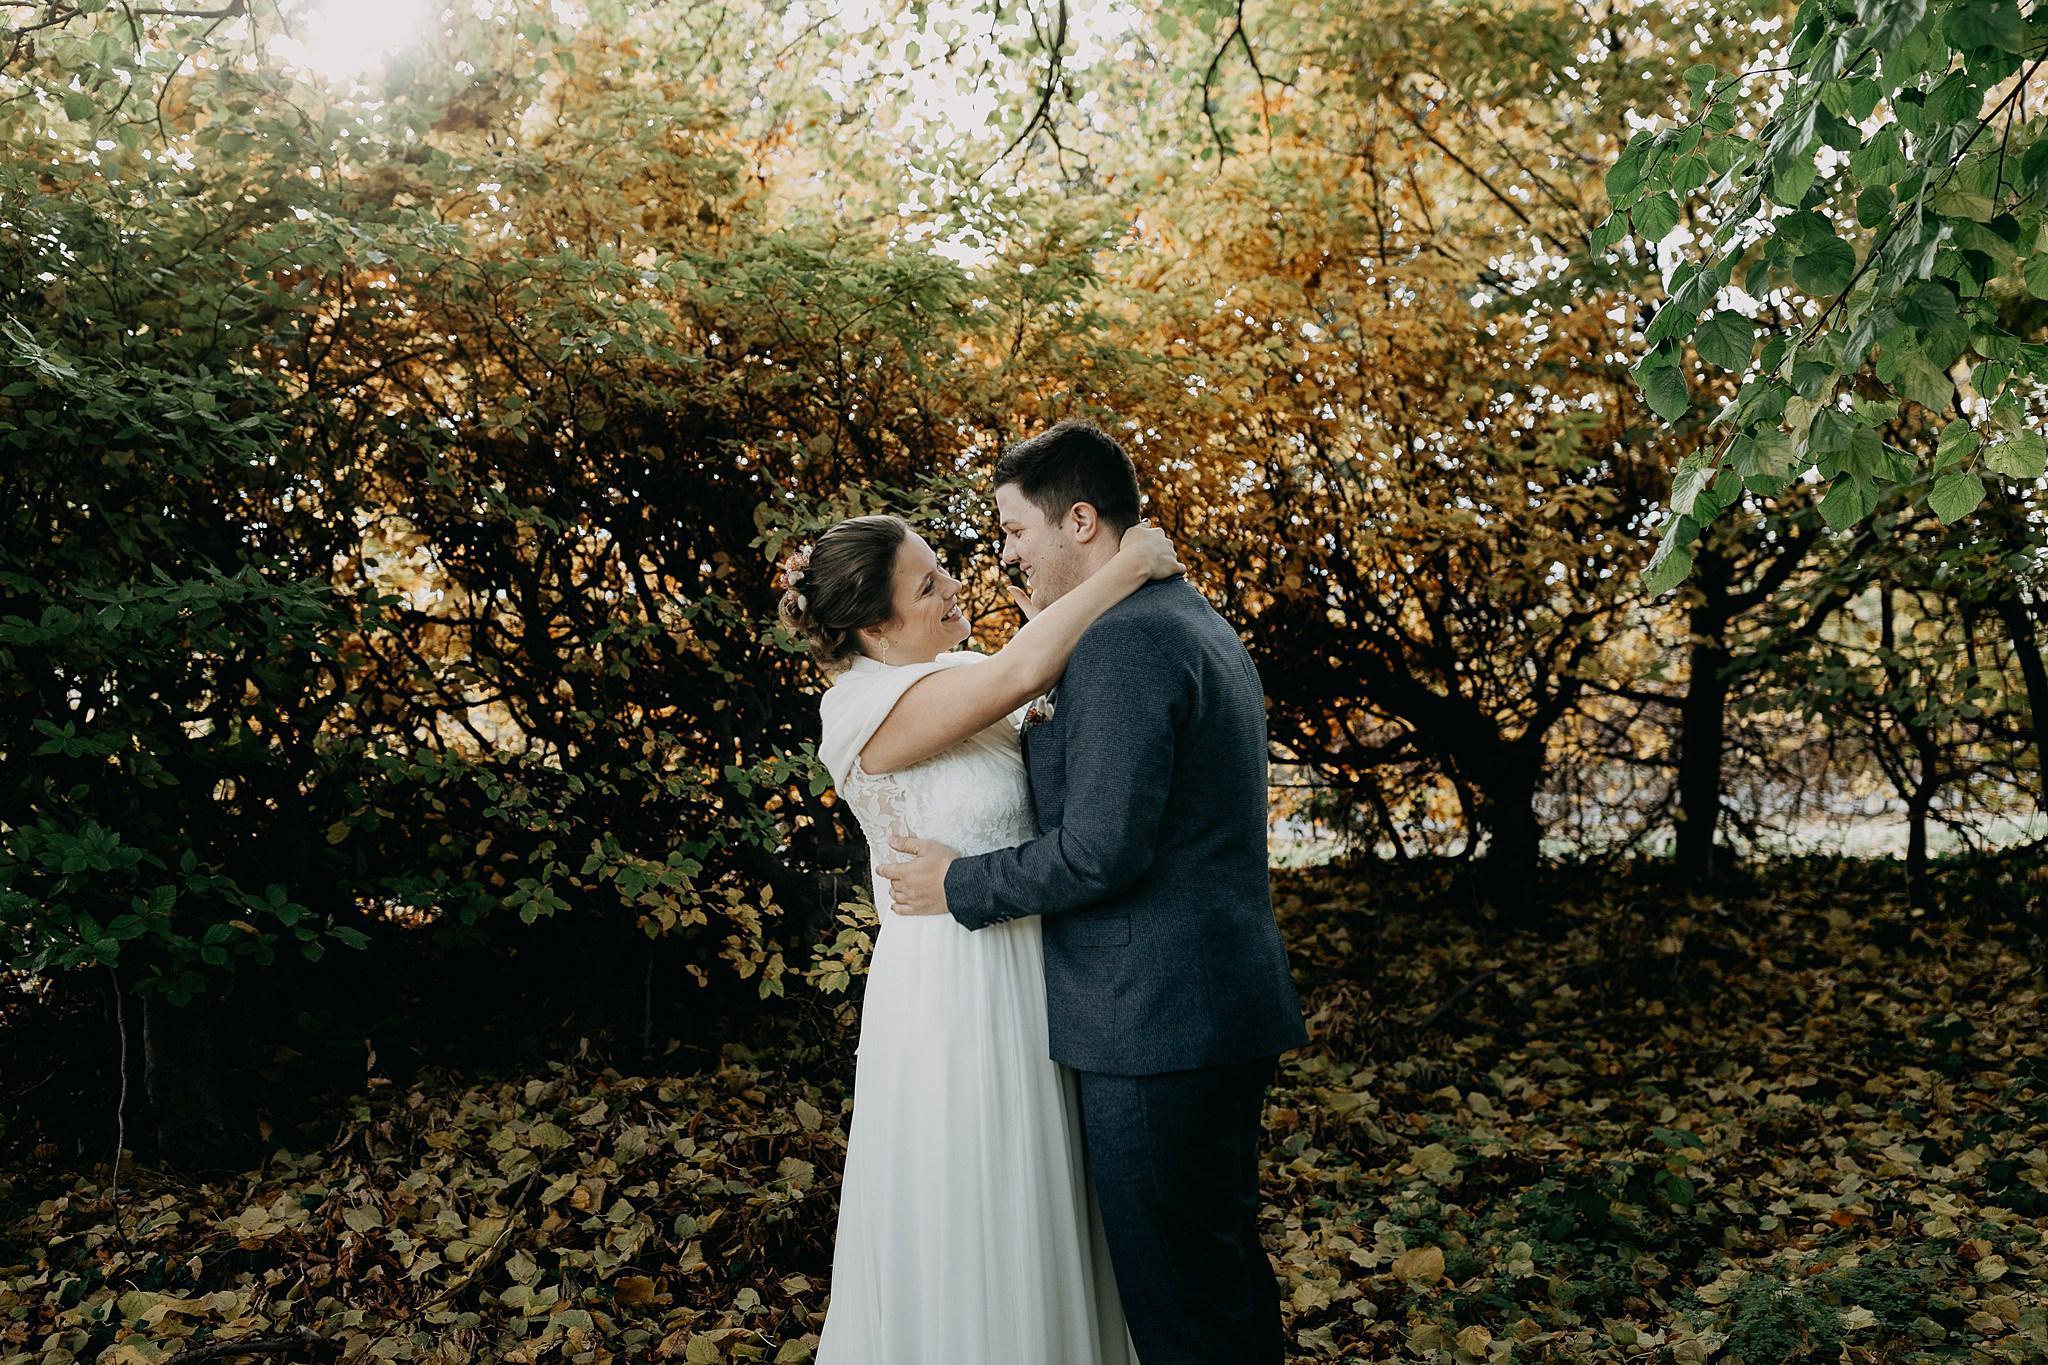 Kasteel van Oorbeek bruidspaar knuffel